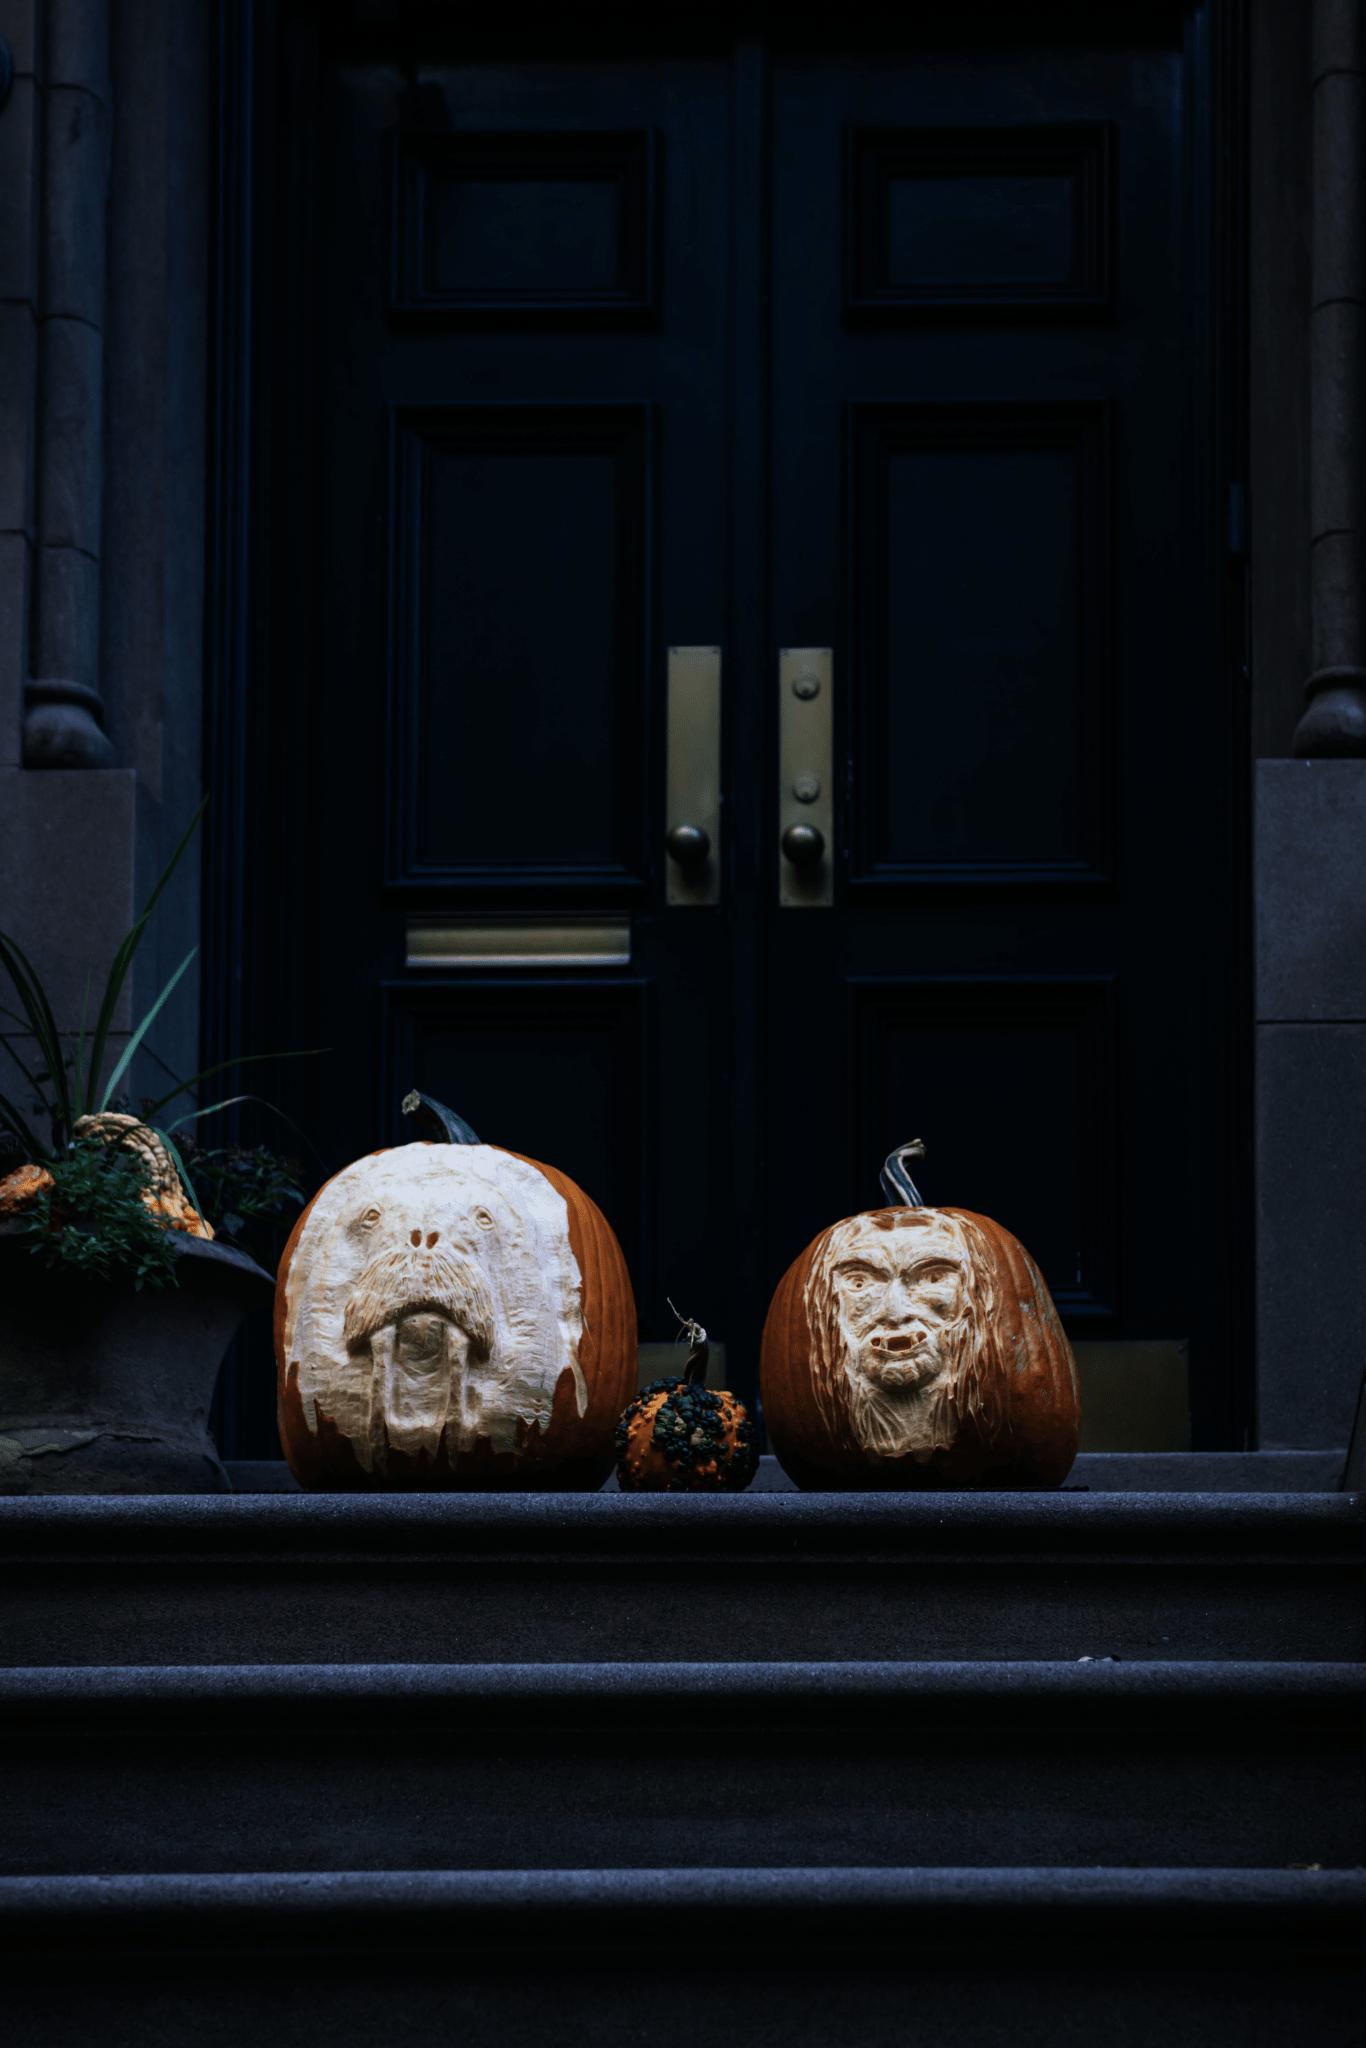 Carve that pumpkin - contest